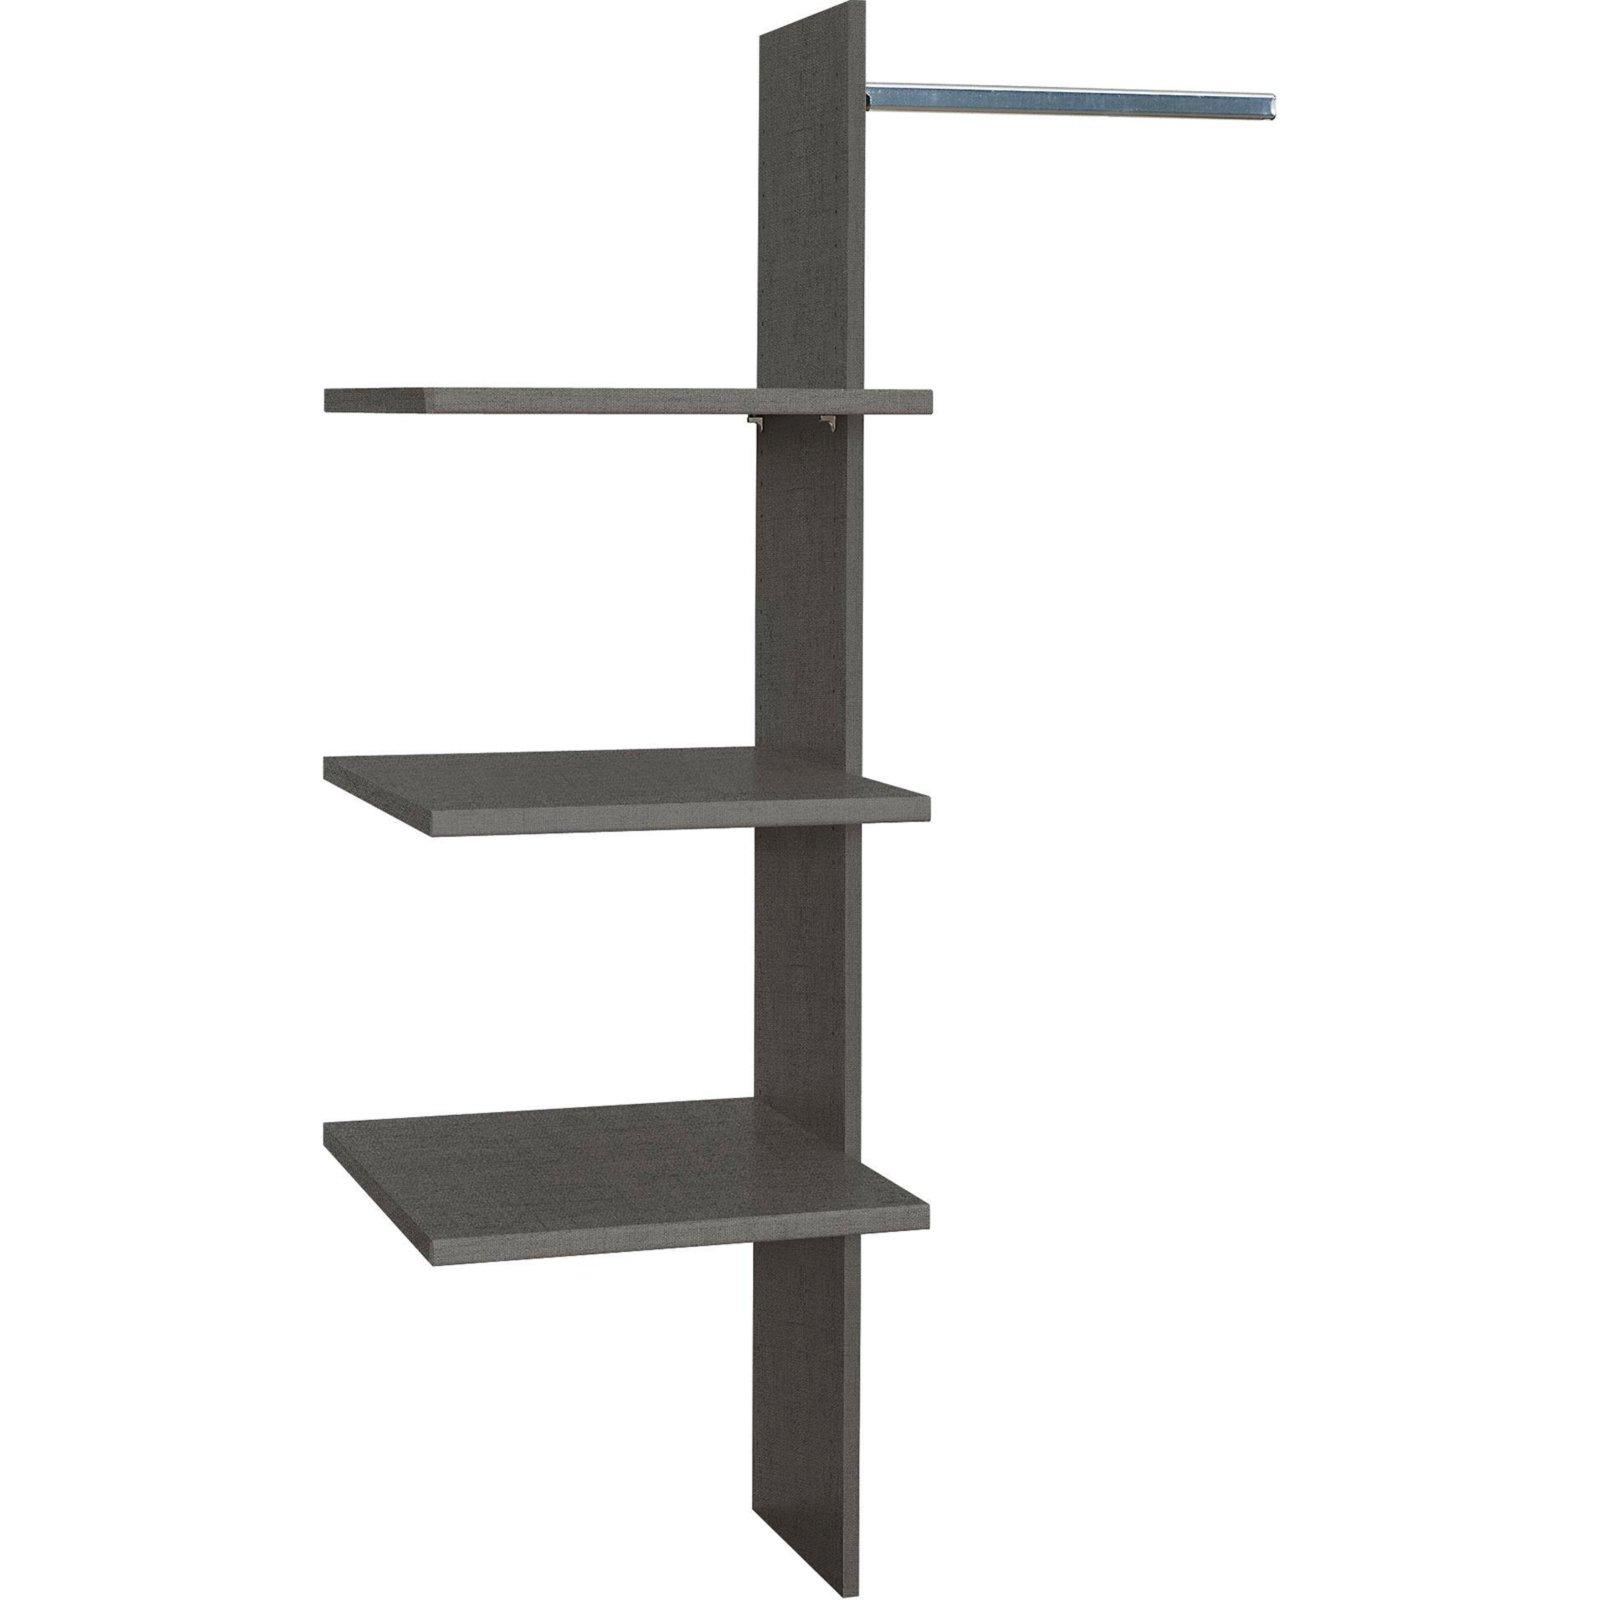 schrankeinteilung f r kleiderschr nke 90x148 cm. Black Bedroom Furniture Sets. Home Design Ideas